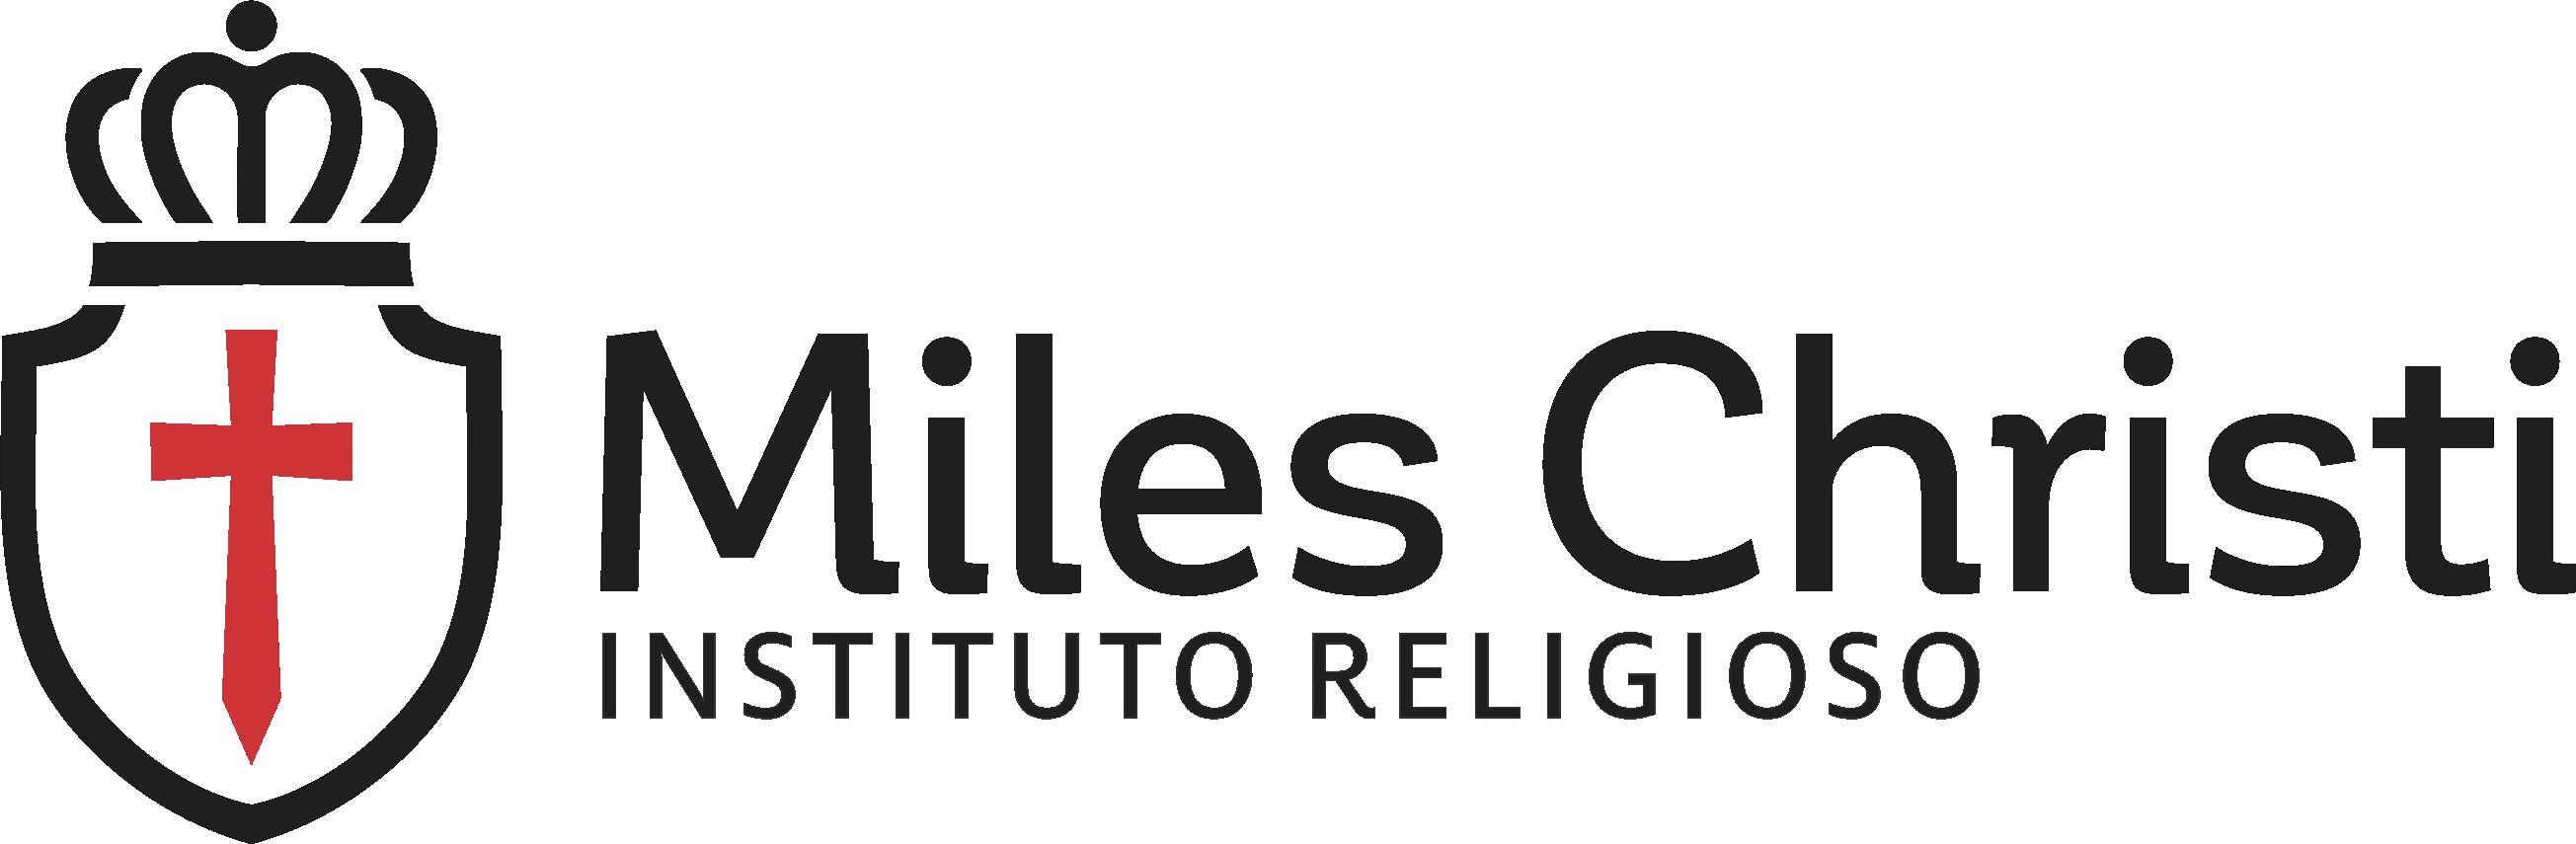 Sacerdotes y Hermanos Coadjutores dedicados a la santificación de los laicos, principalmente de los jóvenes, por medio de los ejercicios espirituales ignacianos